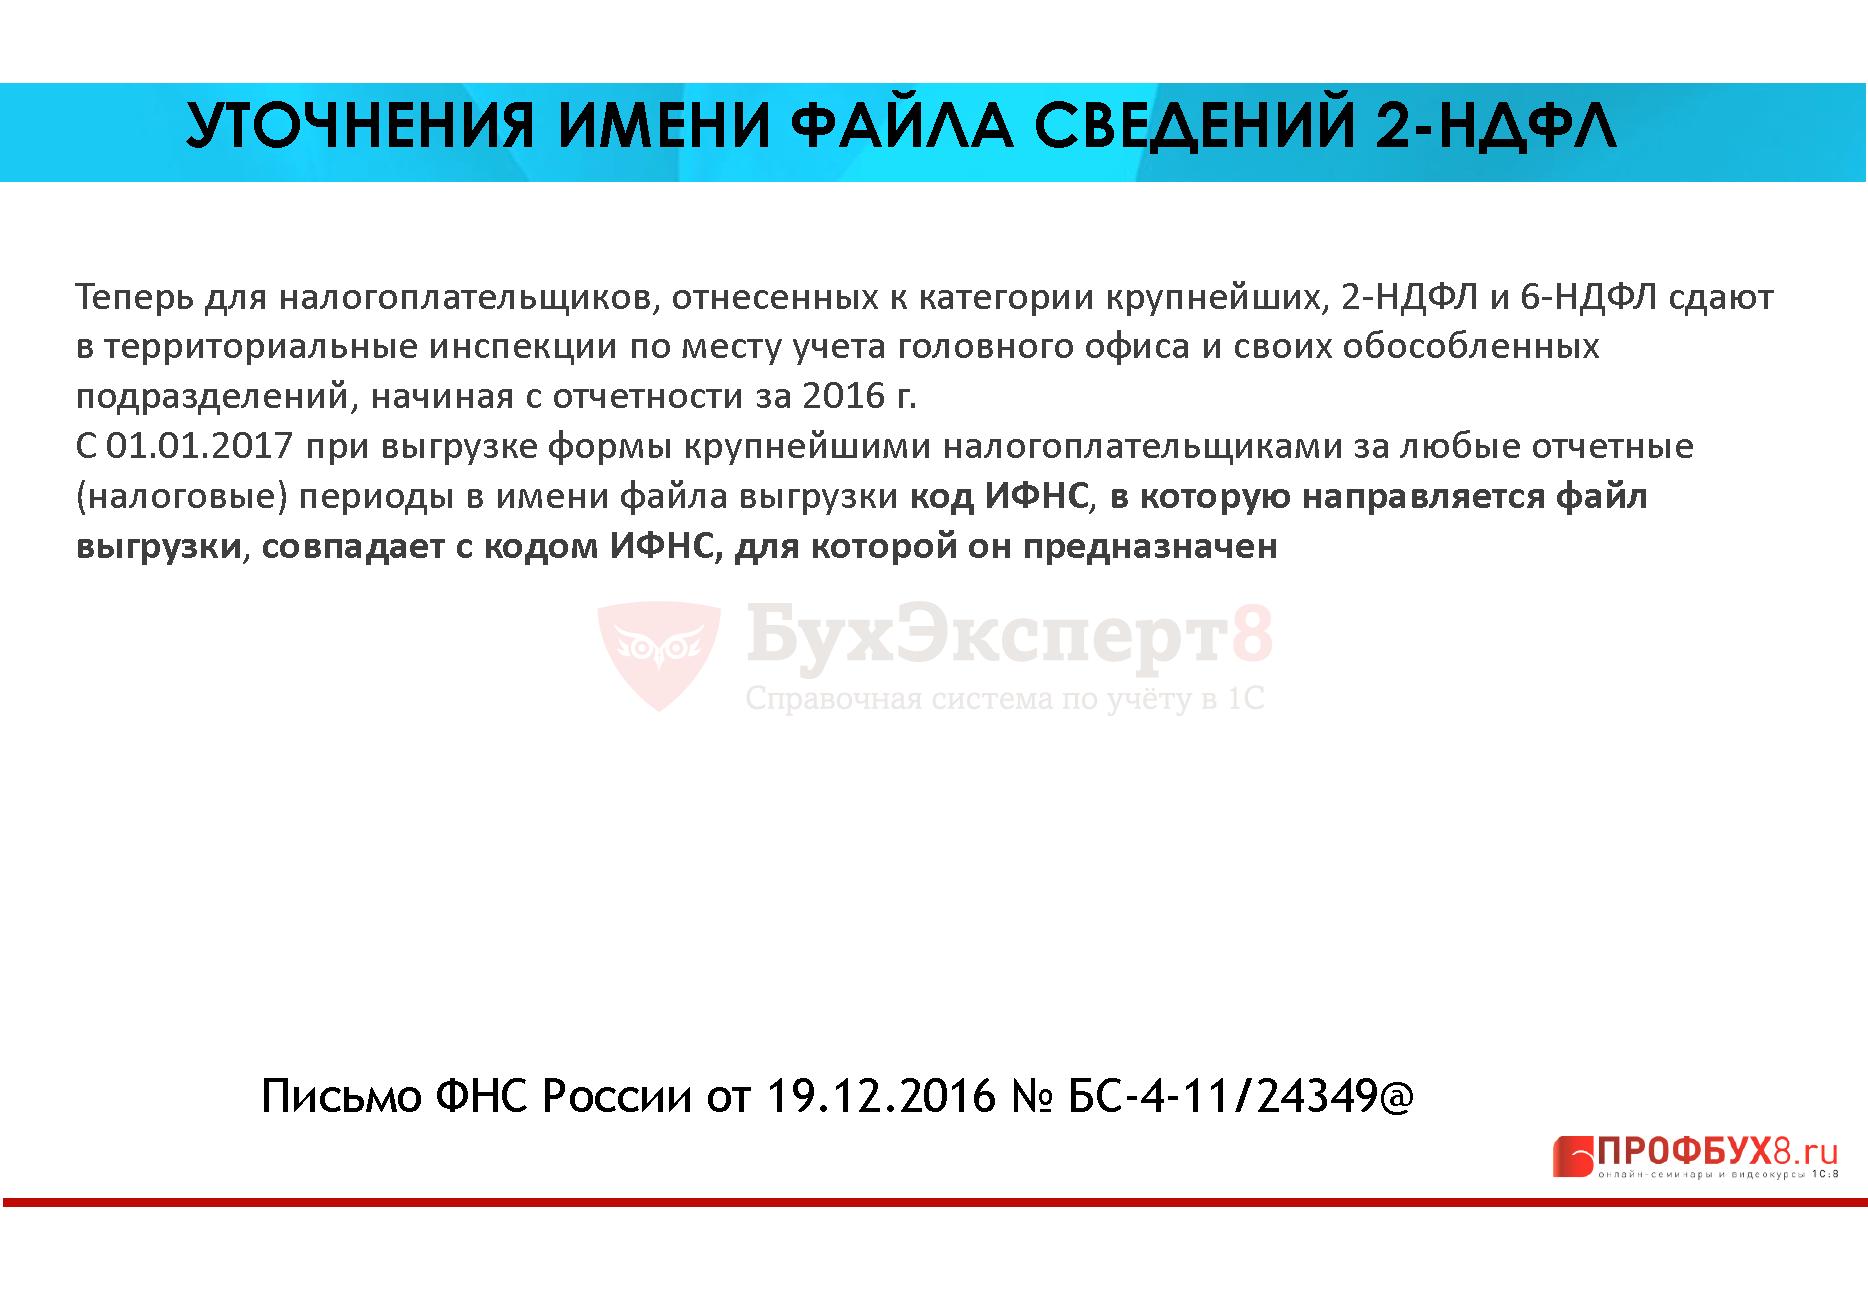 УТОЧНЕНИЯ ИМЕНИ ФАЙЛА СВЕДЕНИЙ 2 -НДФЛ